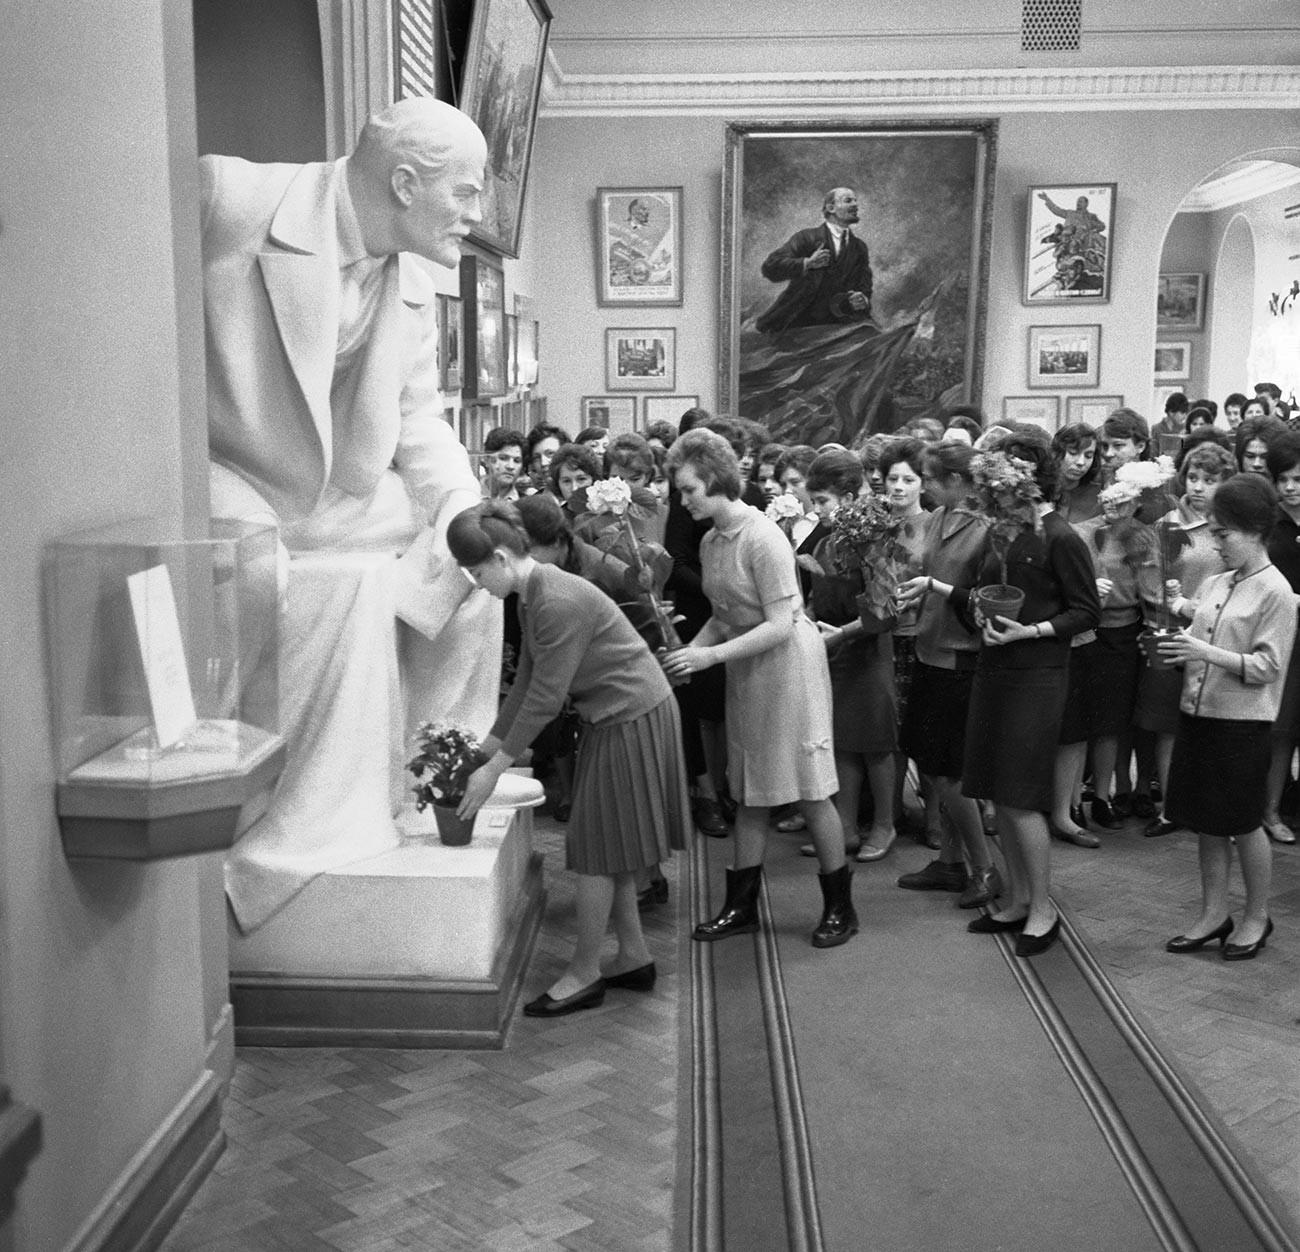 Musée central Lénine, dépôt de fleurs dans l'une des salles